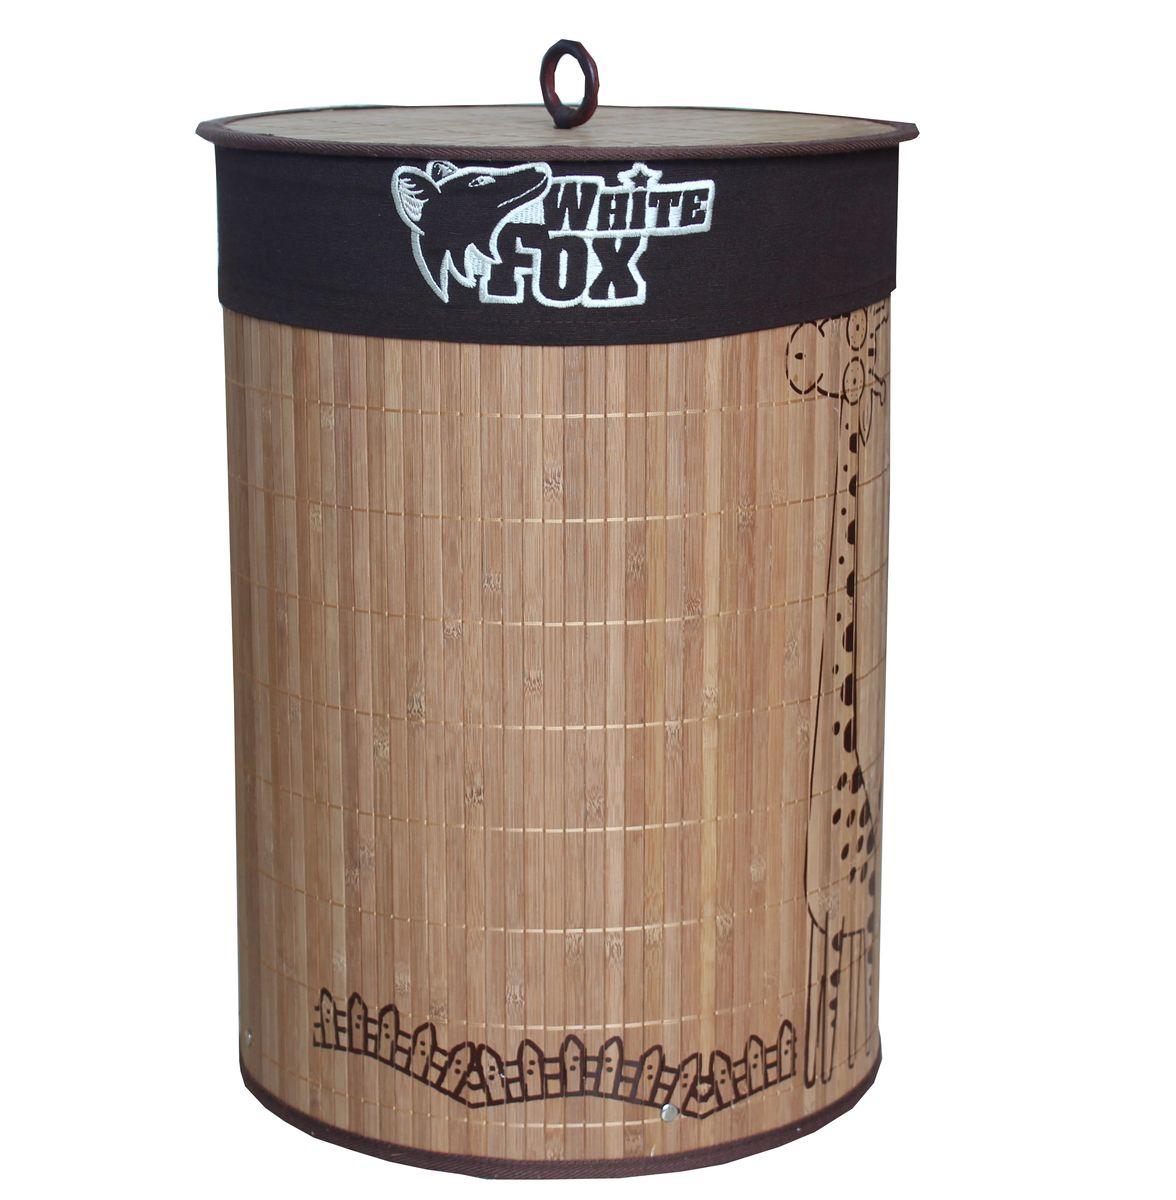 Корзина для белья White Fox Bamboo Beauty, круглаяWBLA10-216Корзина для белья White Fox BAMBOO Beauty предназначена для организации и хранения белья. Съемный чехол можно стирать в стиральной машине при деликатной стирке. Удобные ручки помогут перемещать корзину в любое удобное место. Состав: бамбук и текстиль